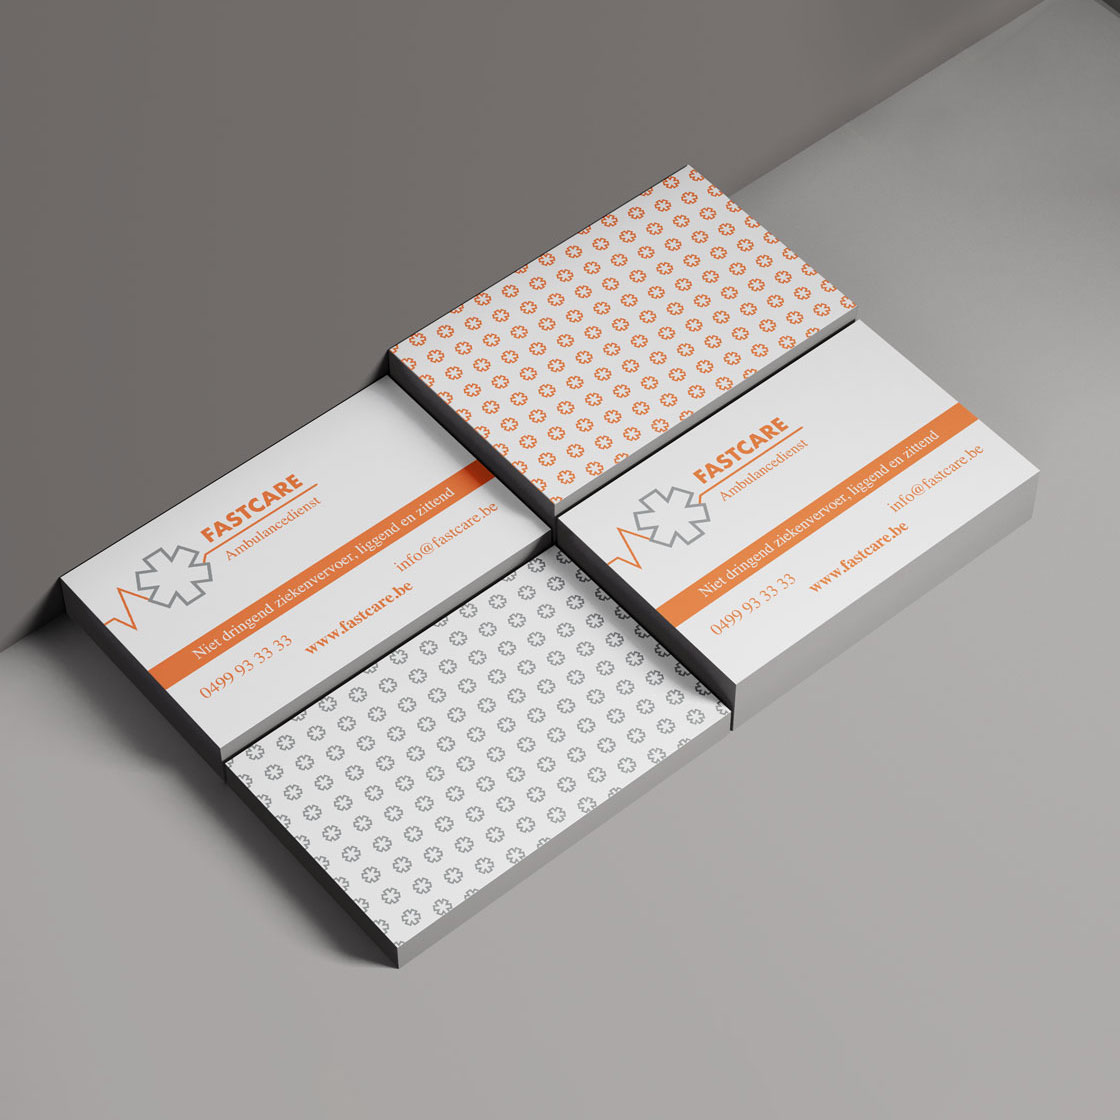 Mioo Design - Fastcare - Visitekaartje ontwerp - Creatief reclamebureau Roeselare & Communicatiebureau Roeselare - Grafisch ontwerp - Freelancer - West-Vlaanderen - Brugge - Kortrijk